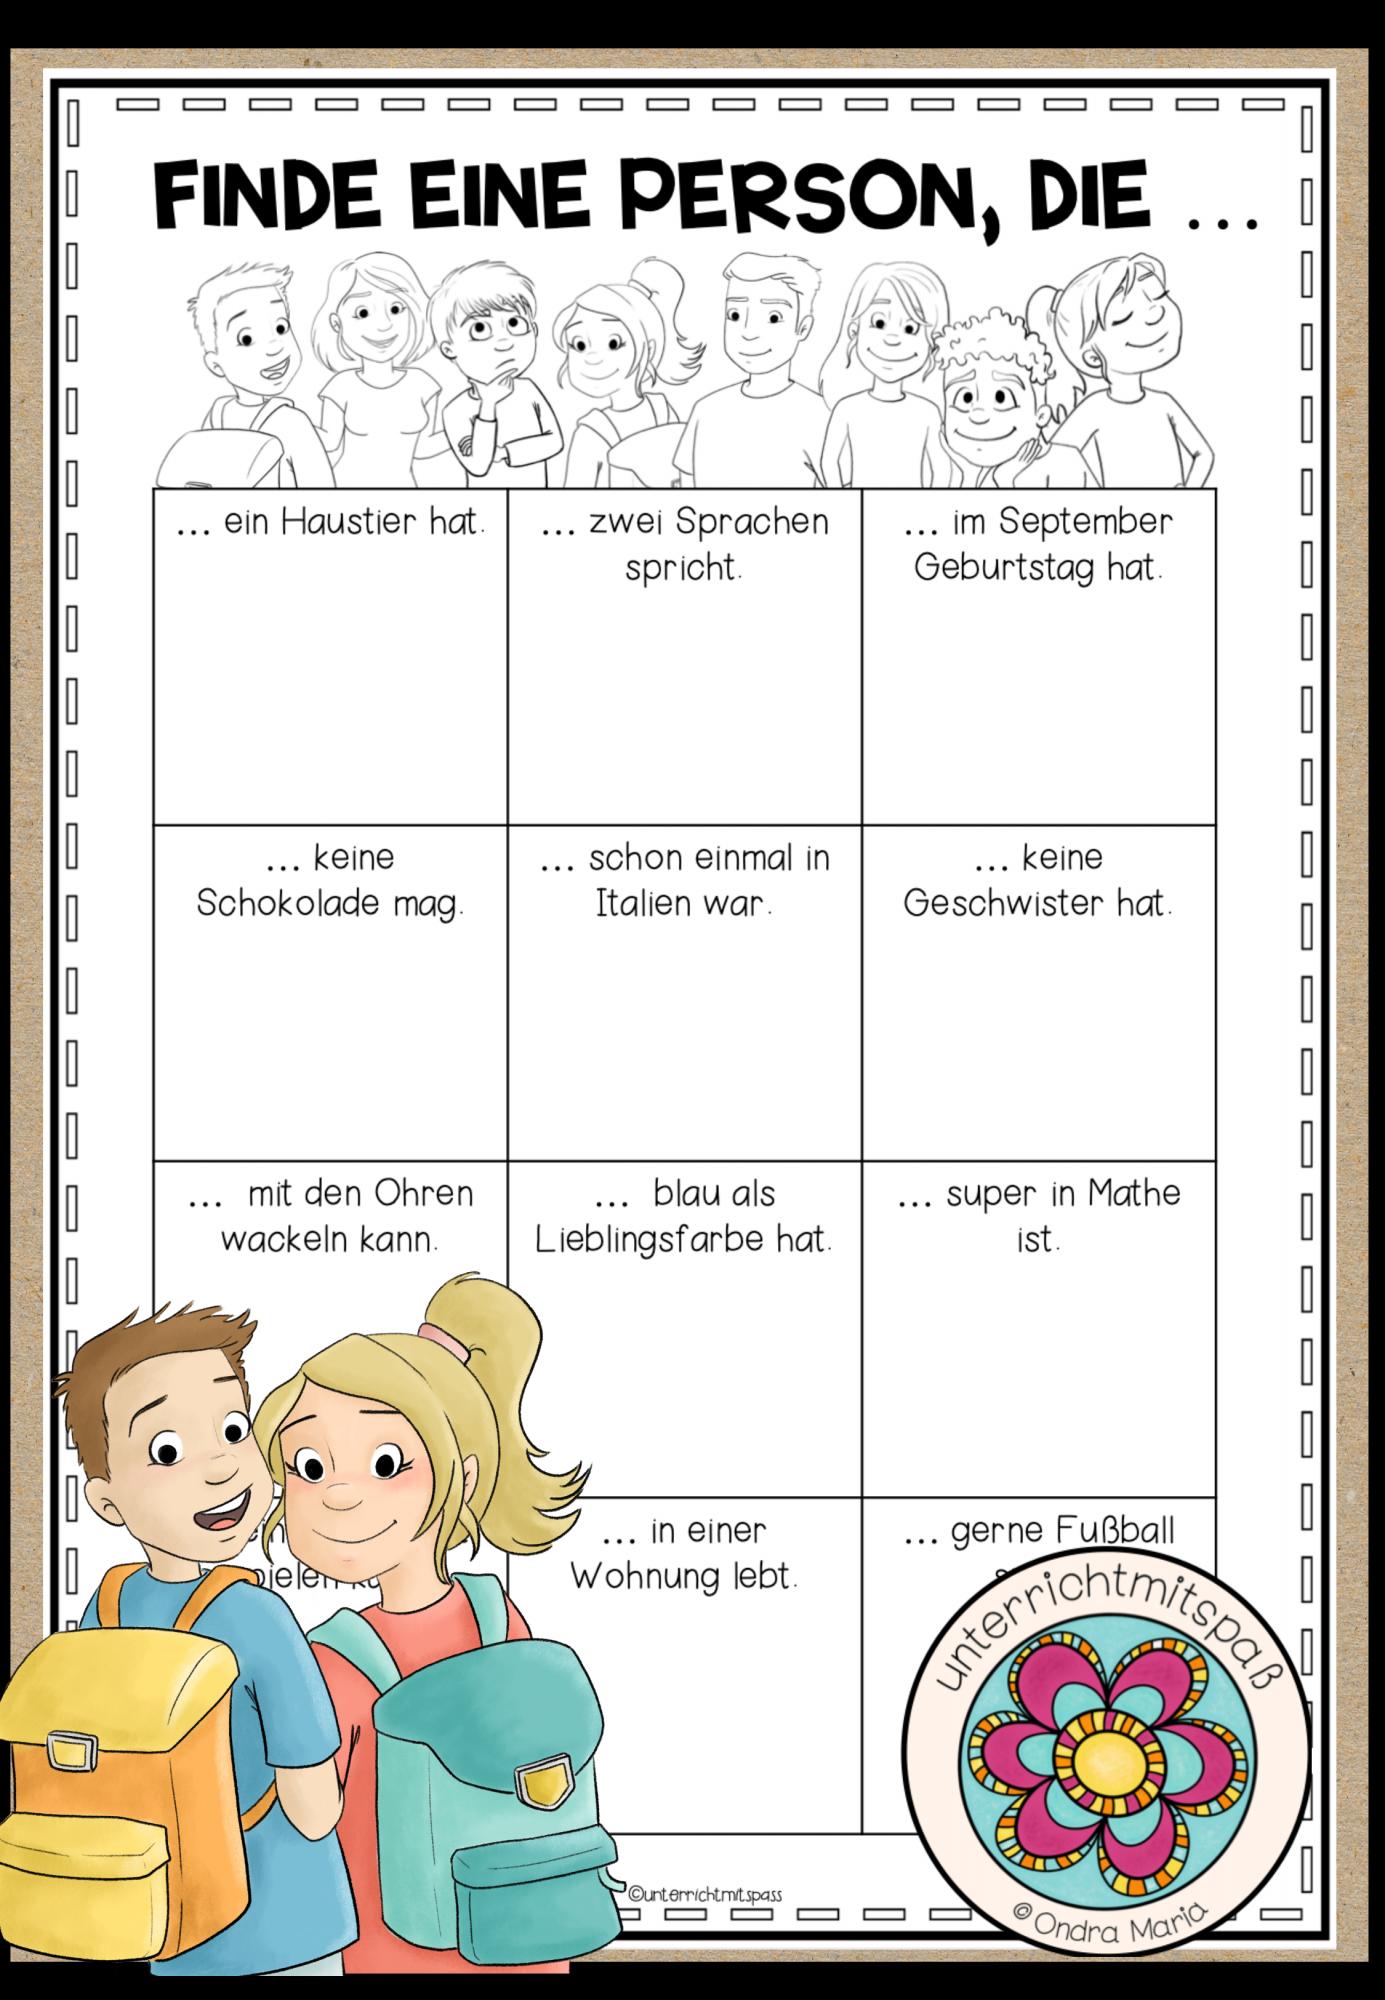 Spiele zum Kennenlernen für das erste Date